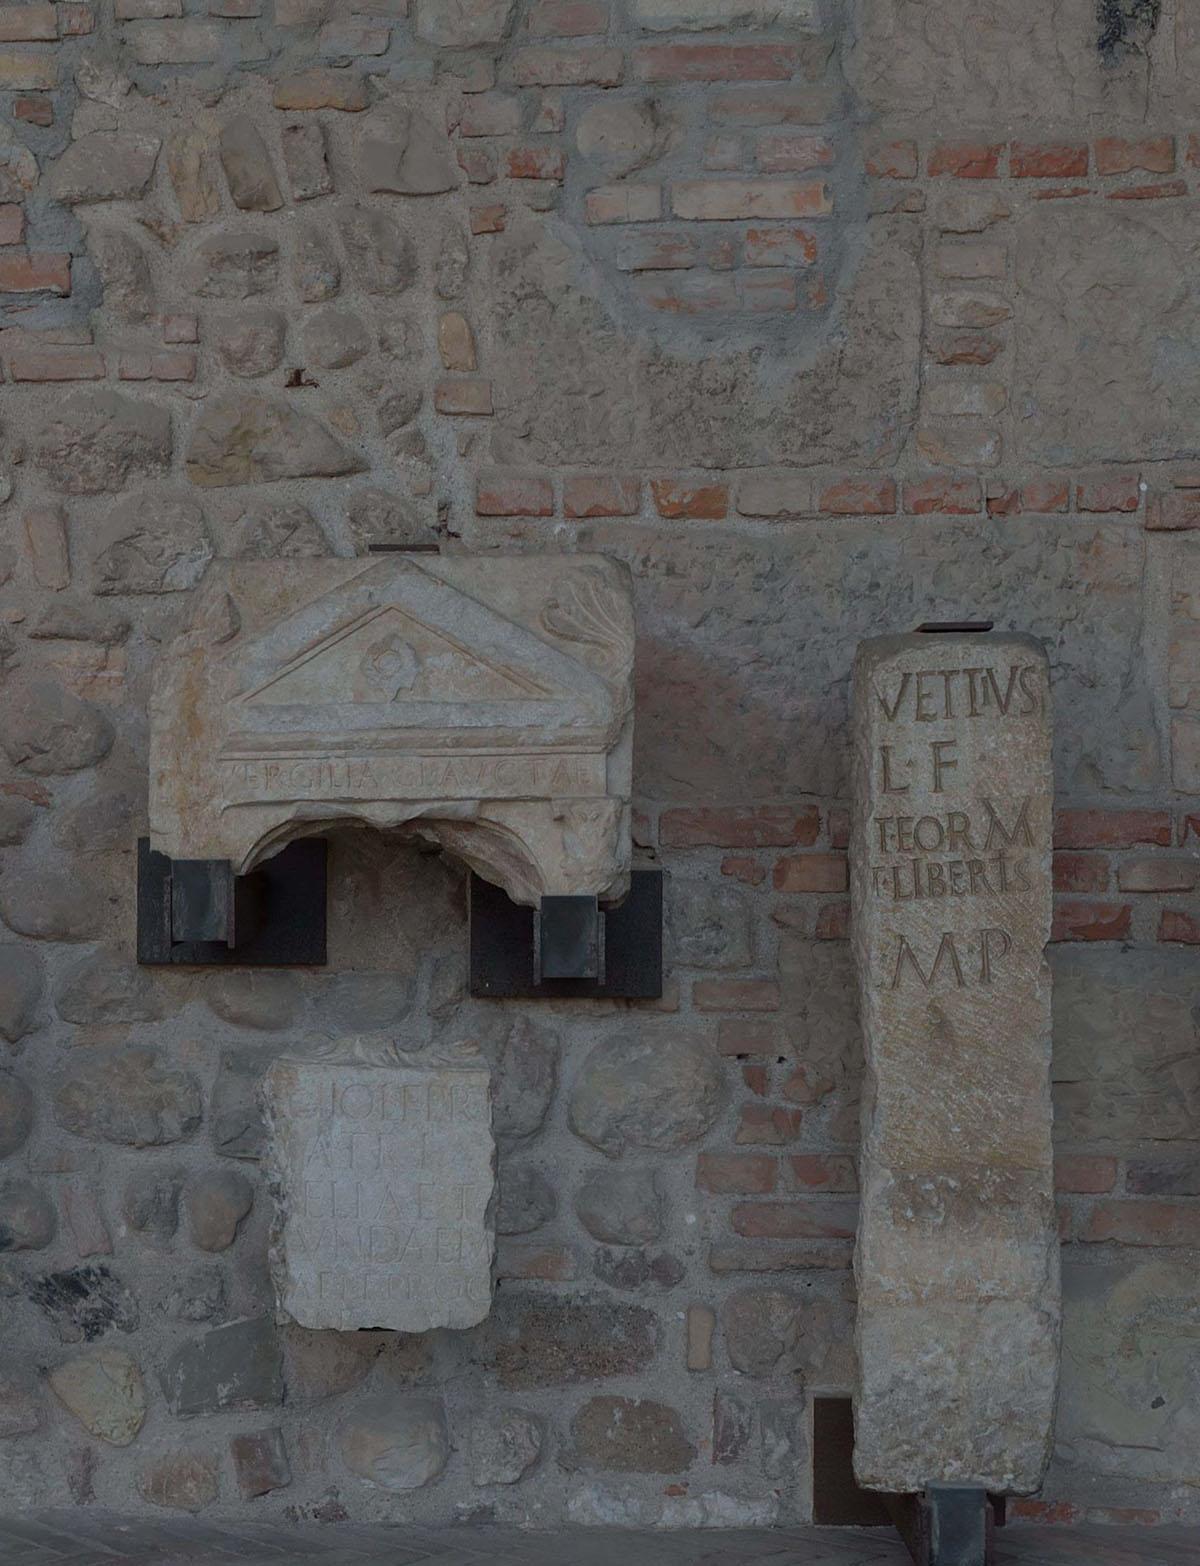 Stele funeraria - Stele funeraria di Vergilia Aucta e della famiglia IuniaI sec. d.C Lapidario